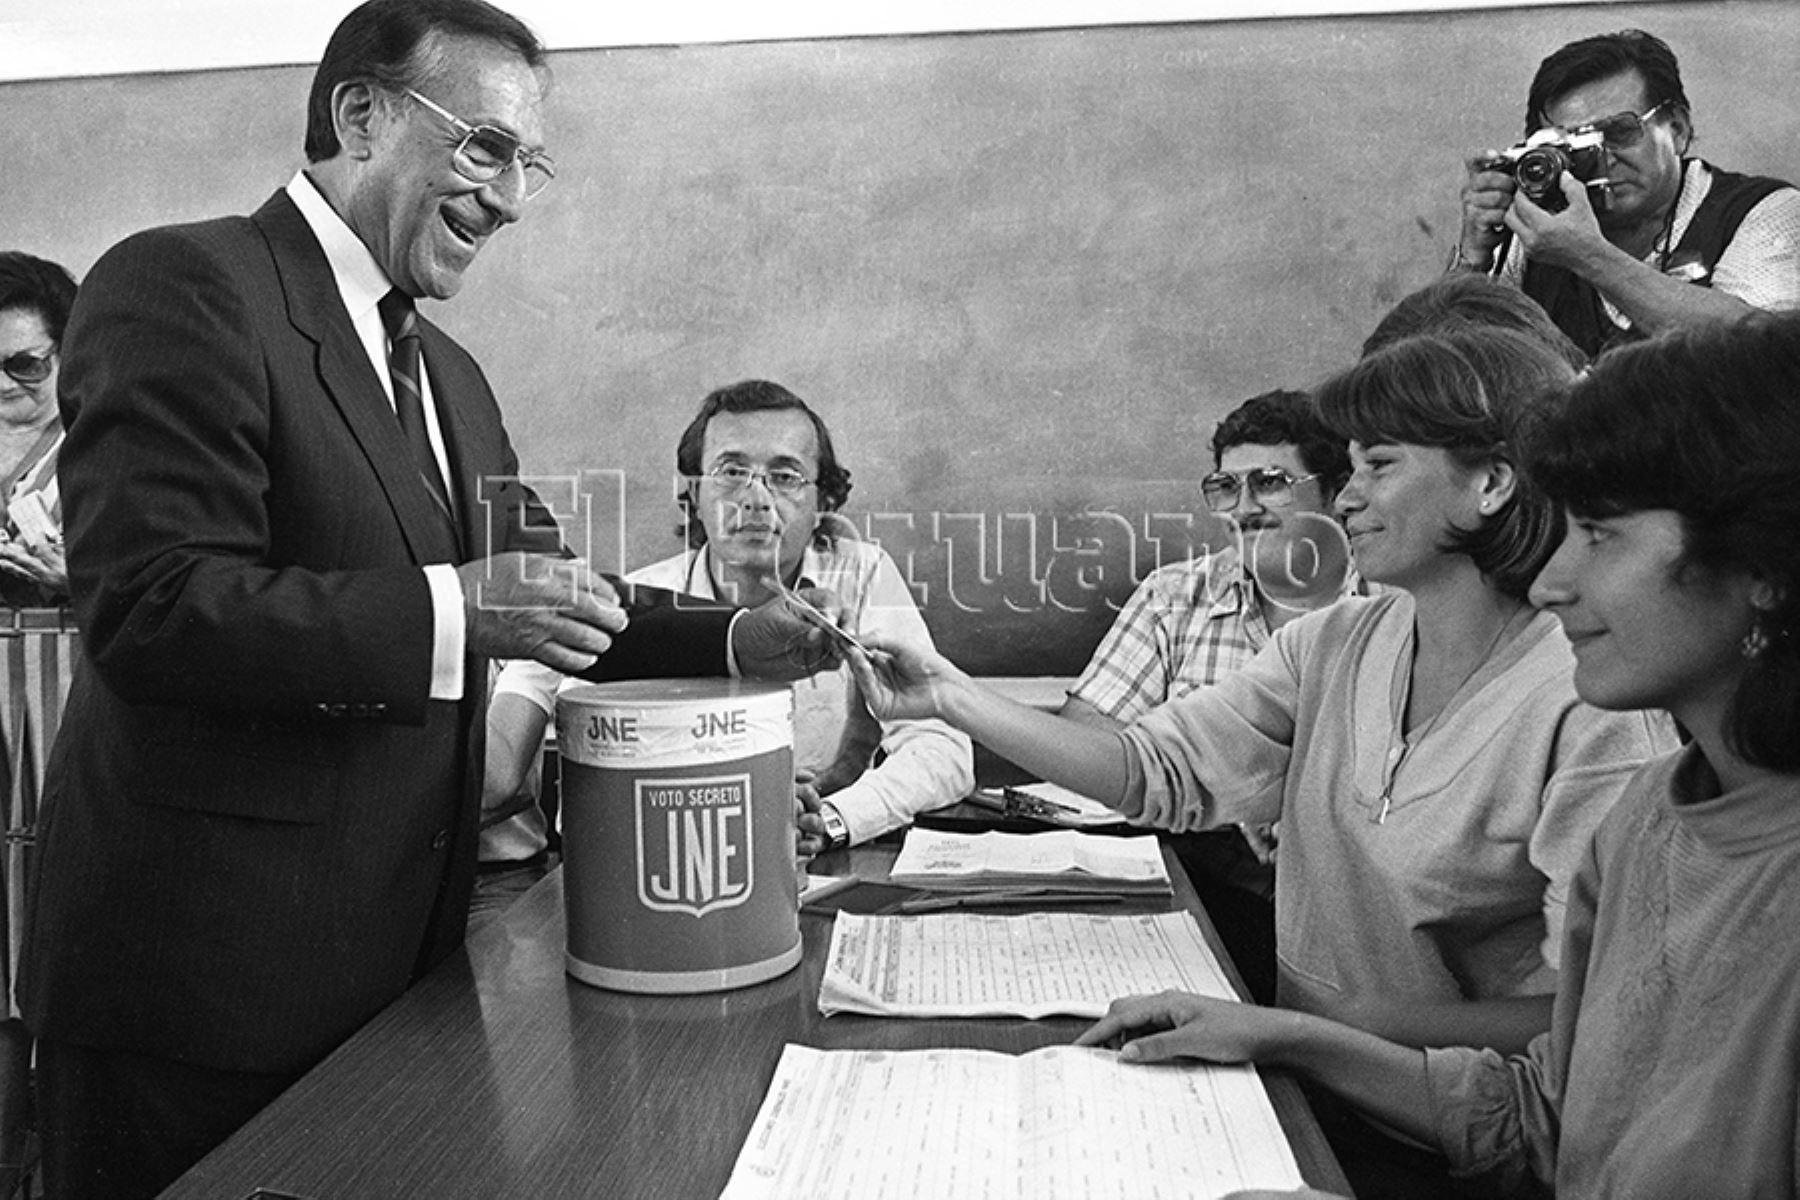 Lima - 14 abril 1985 / Luis Bedoya Reyes, candidato presidencial por el Partido Popular Cristiano,  emite su voto en  las elecciones generales de 1985. Foto: Archivo Histórico de EL PERUANO / Rómulo Luján